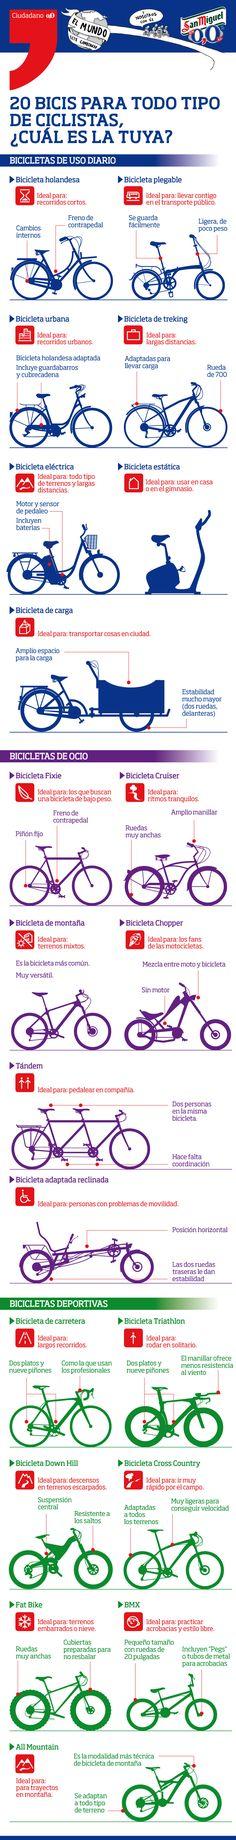 Infografía: 20 tipos de bicicletas, ¿cuál es la tuya?